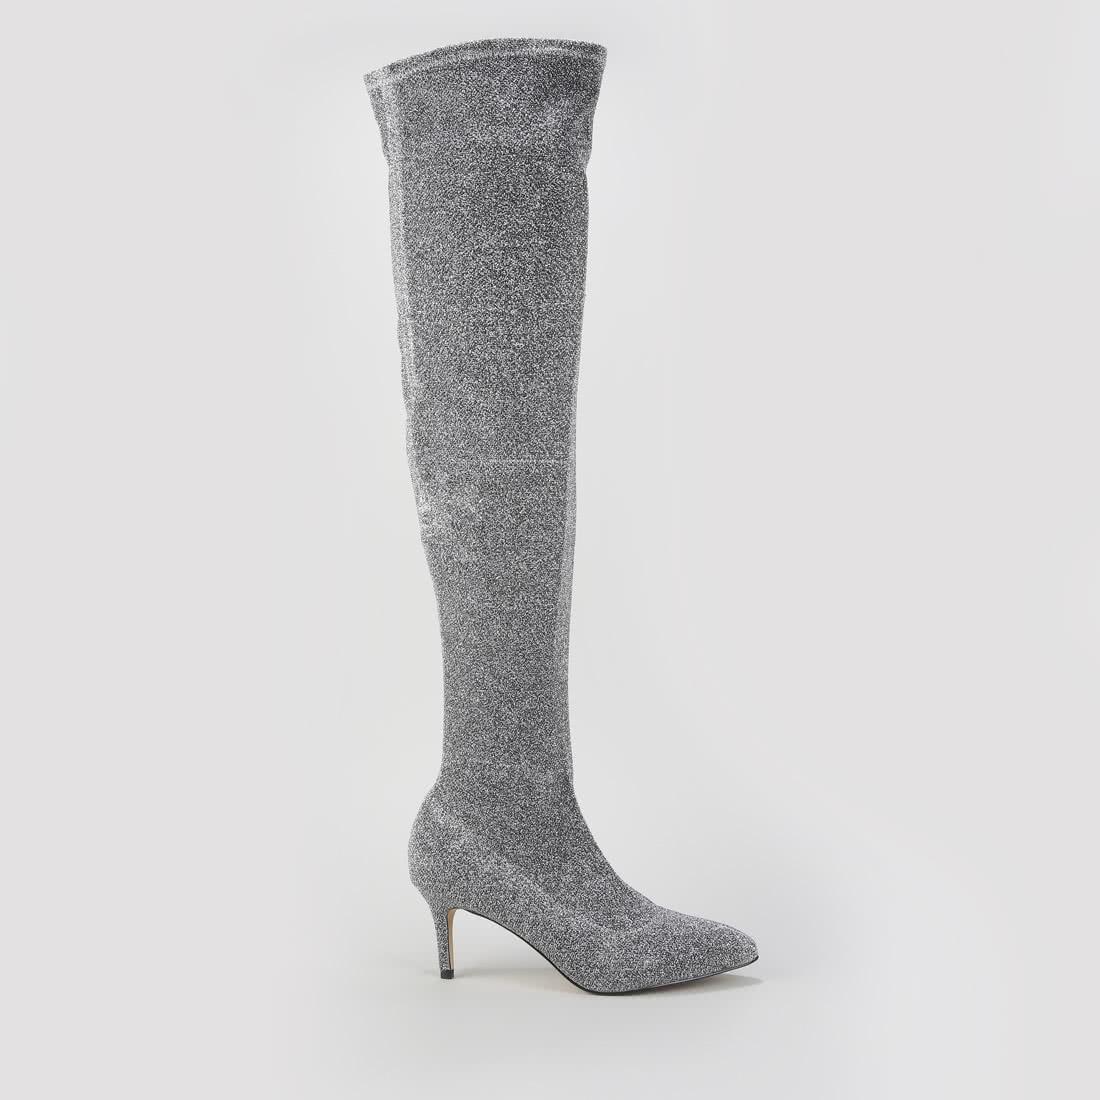 Overknee Stiefel beige Preisvergleich günstige Angebote